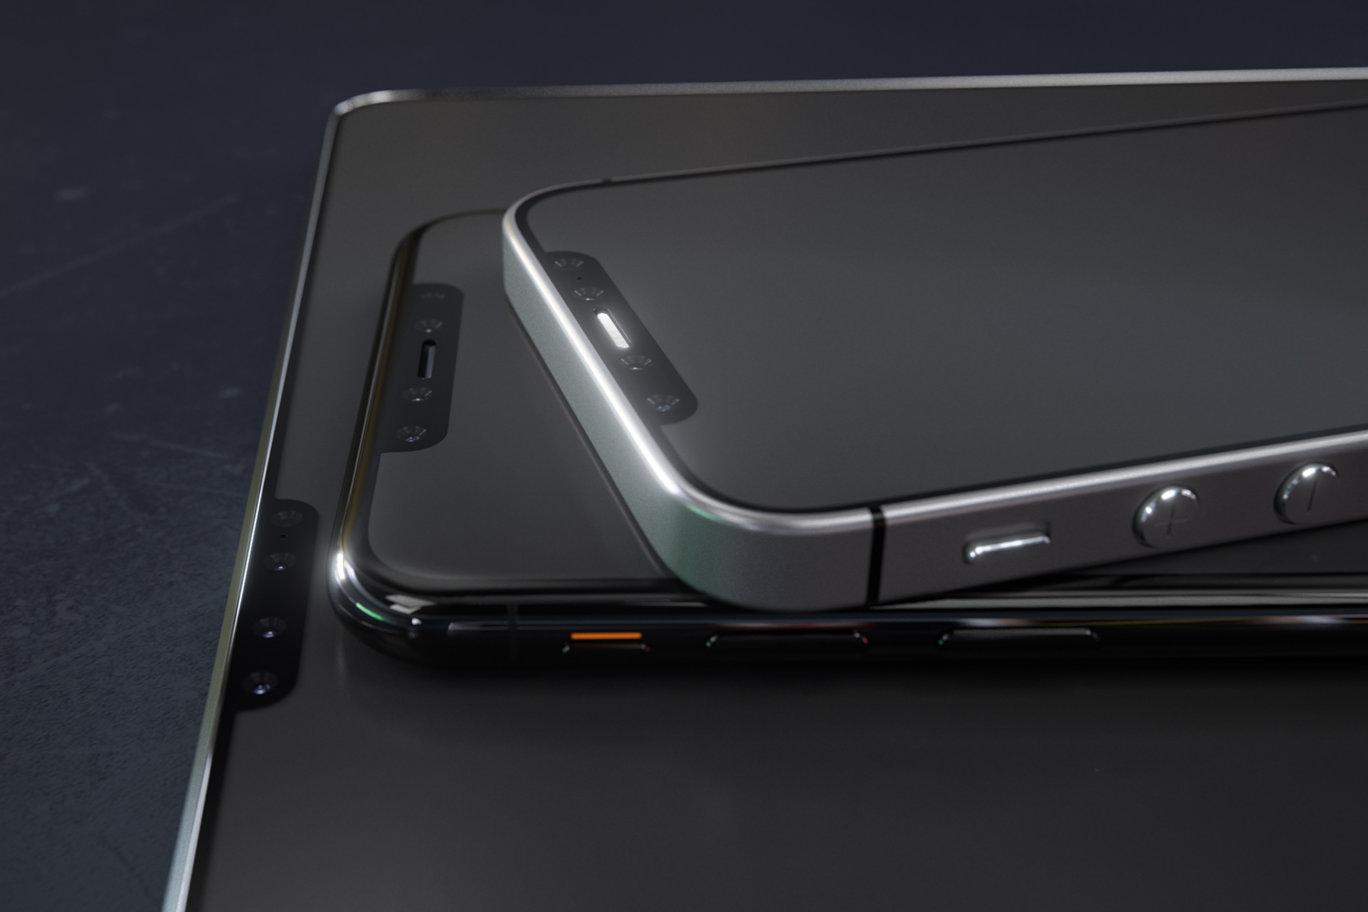 Concepto de diseño de varios modelos de iPhone o iPad con el estilo del iPhone X